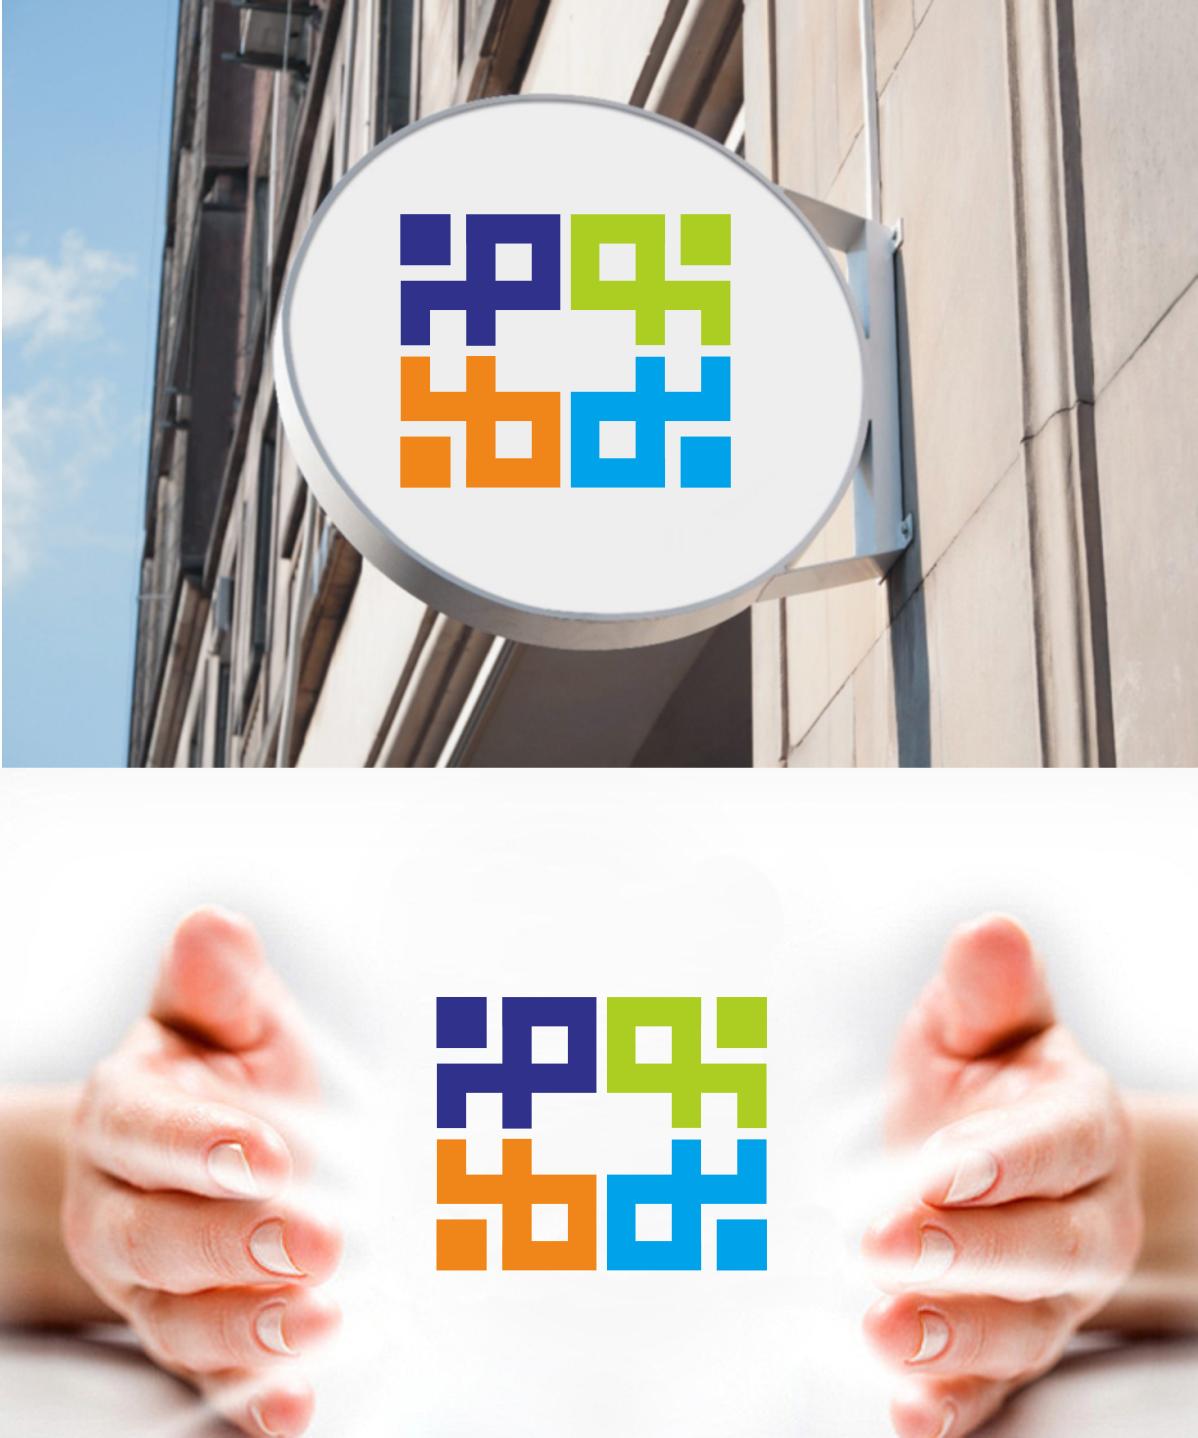 电商网站logo设计(内容有补充)_2964448_k68威客网